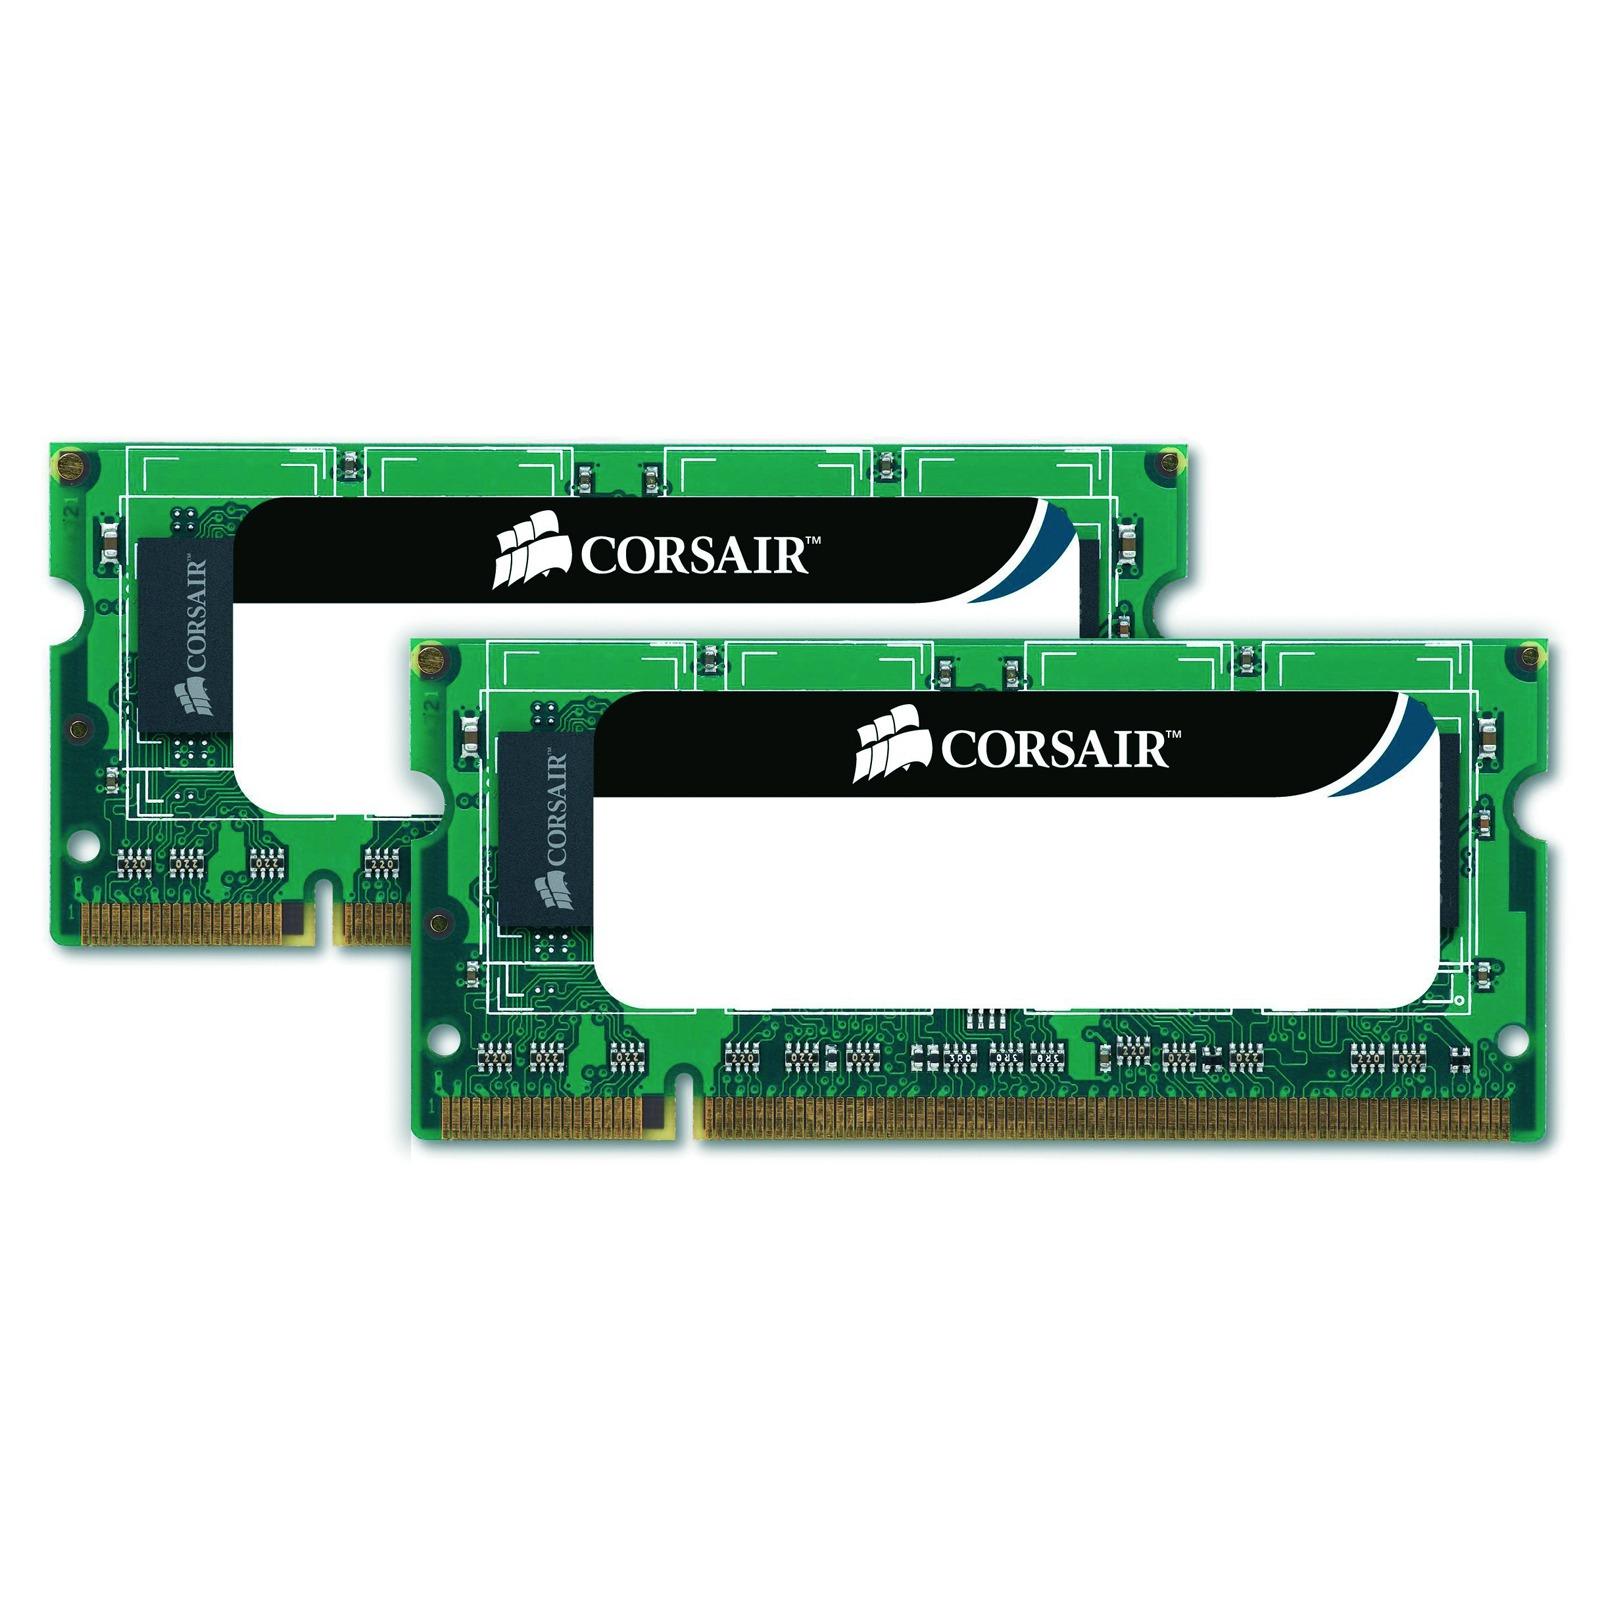 Mémoire PC portable Corsair Value Select SO-DIMM 8 Go (2x 4 Go) DDR3 1333 MHz Kit Dual Channel RAM SO-DIMM DDR3 PC10600 - CMSO8GX3M2A1333C9 (garantie 10 ans par Corsair)